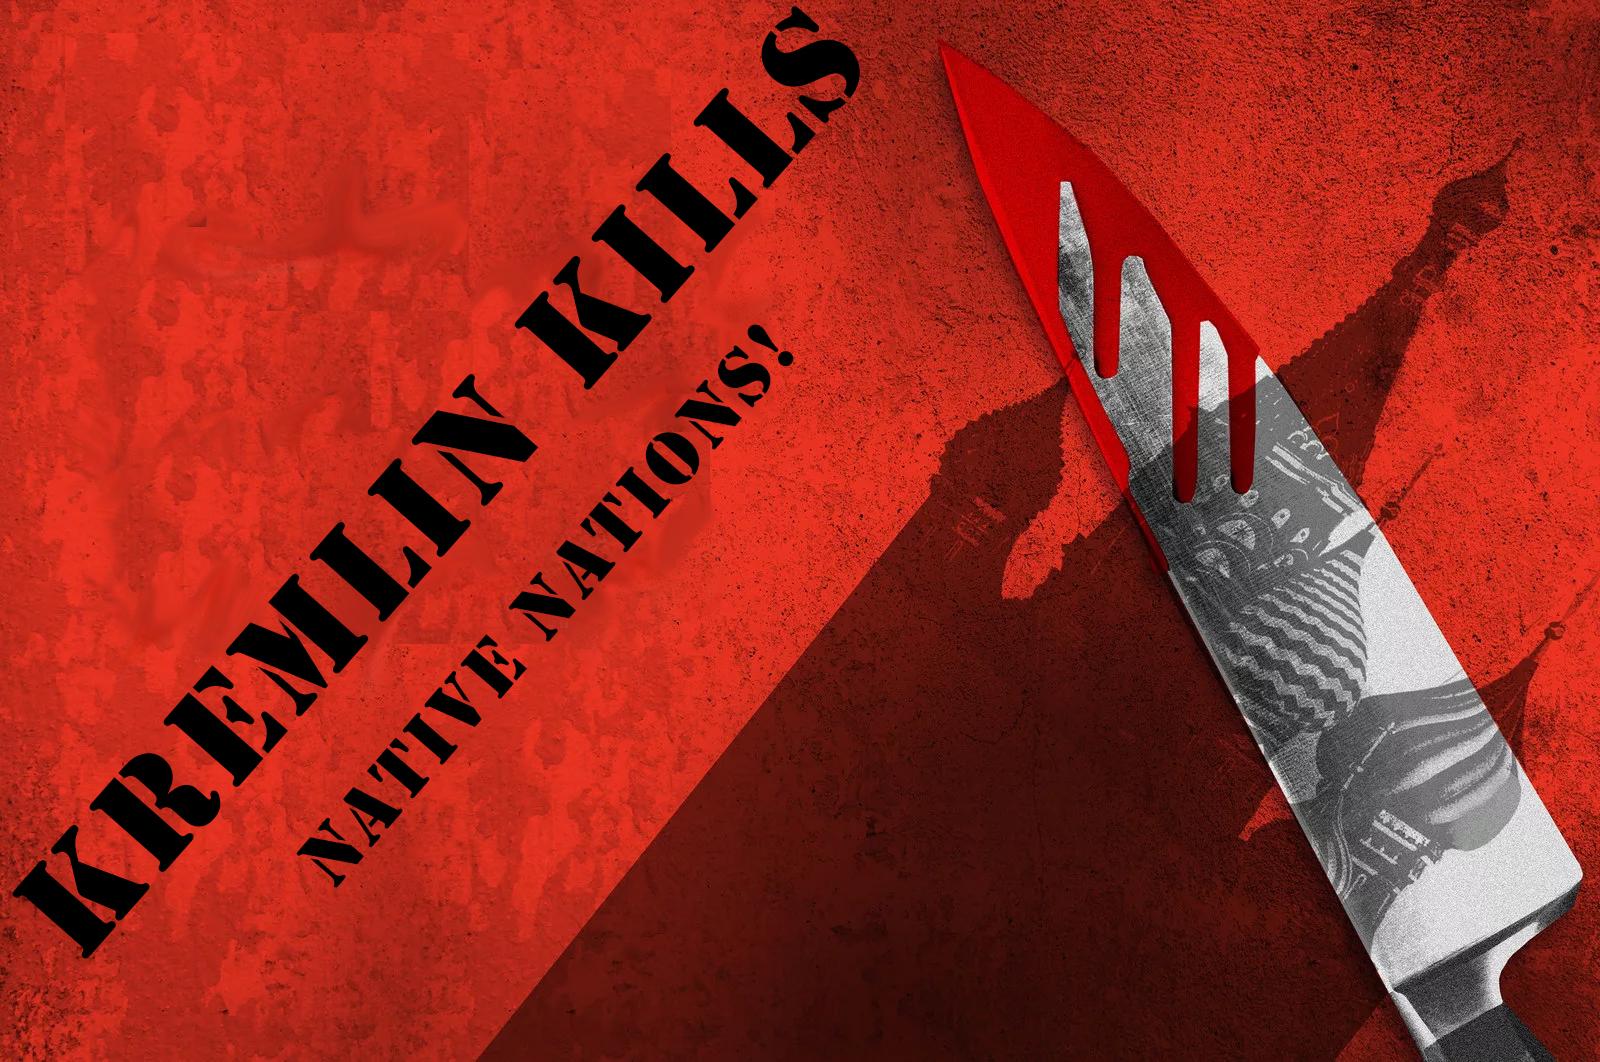 Баннер «Kremlin kills native nations!» (англ. «Кремль уничтожает коренные народы!»)